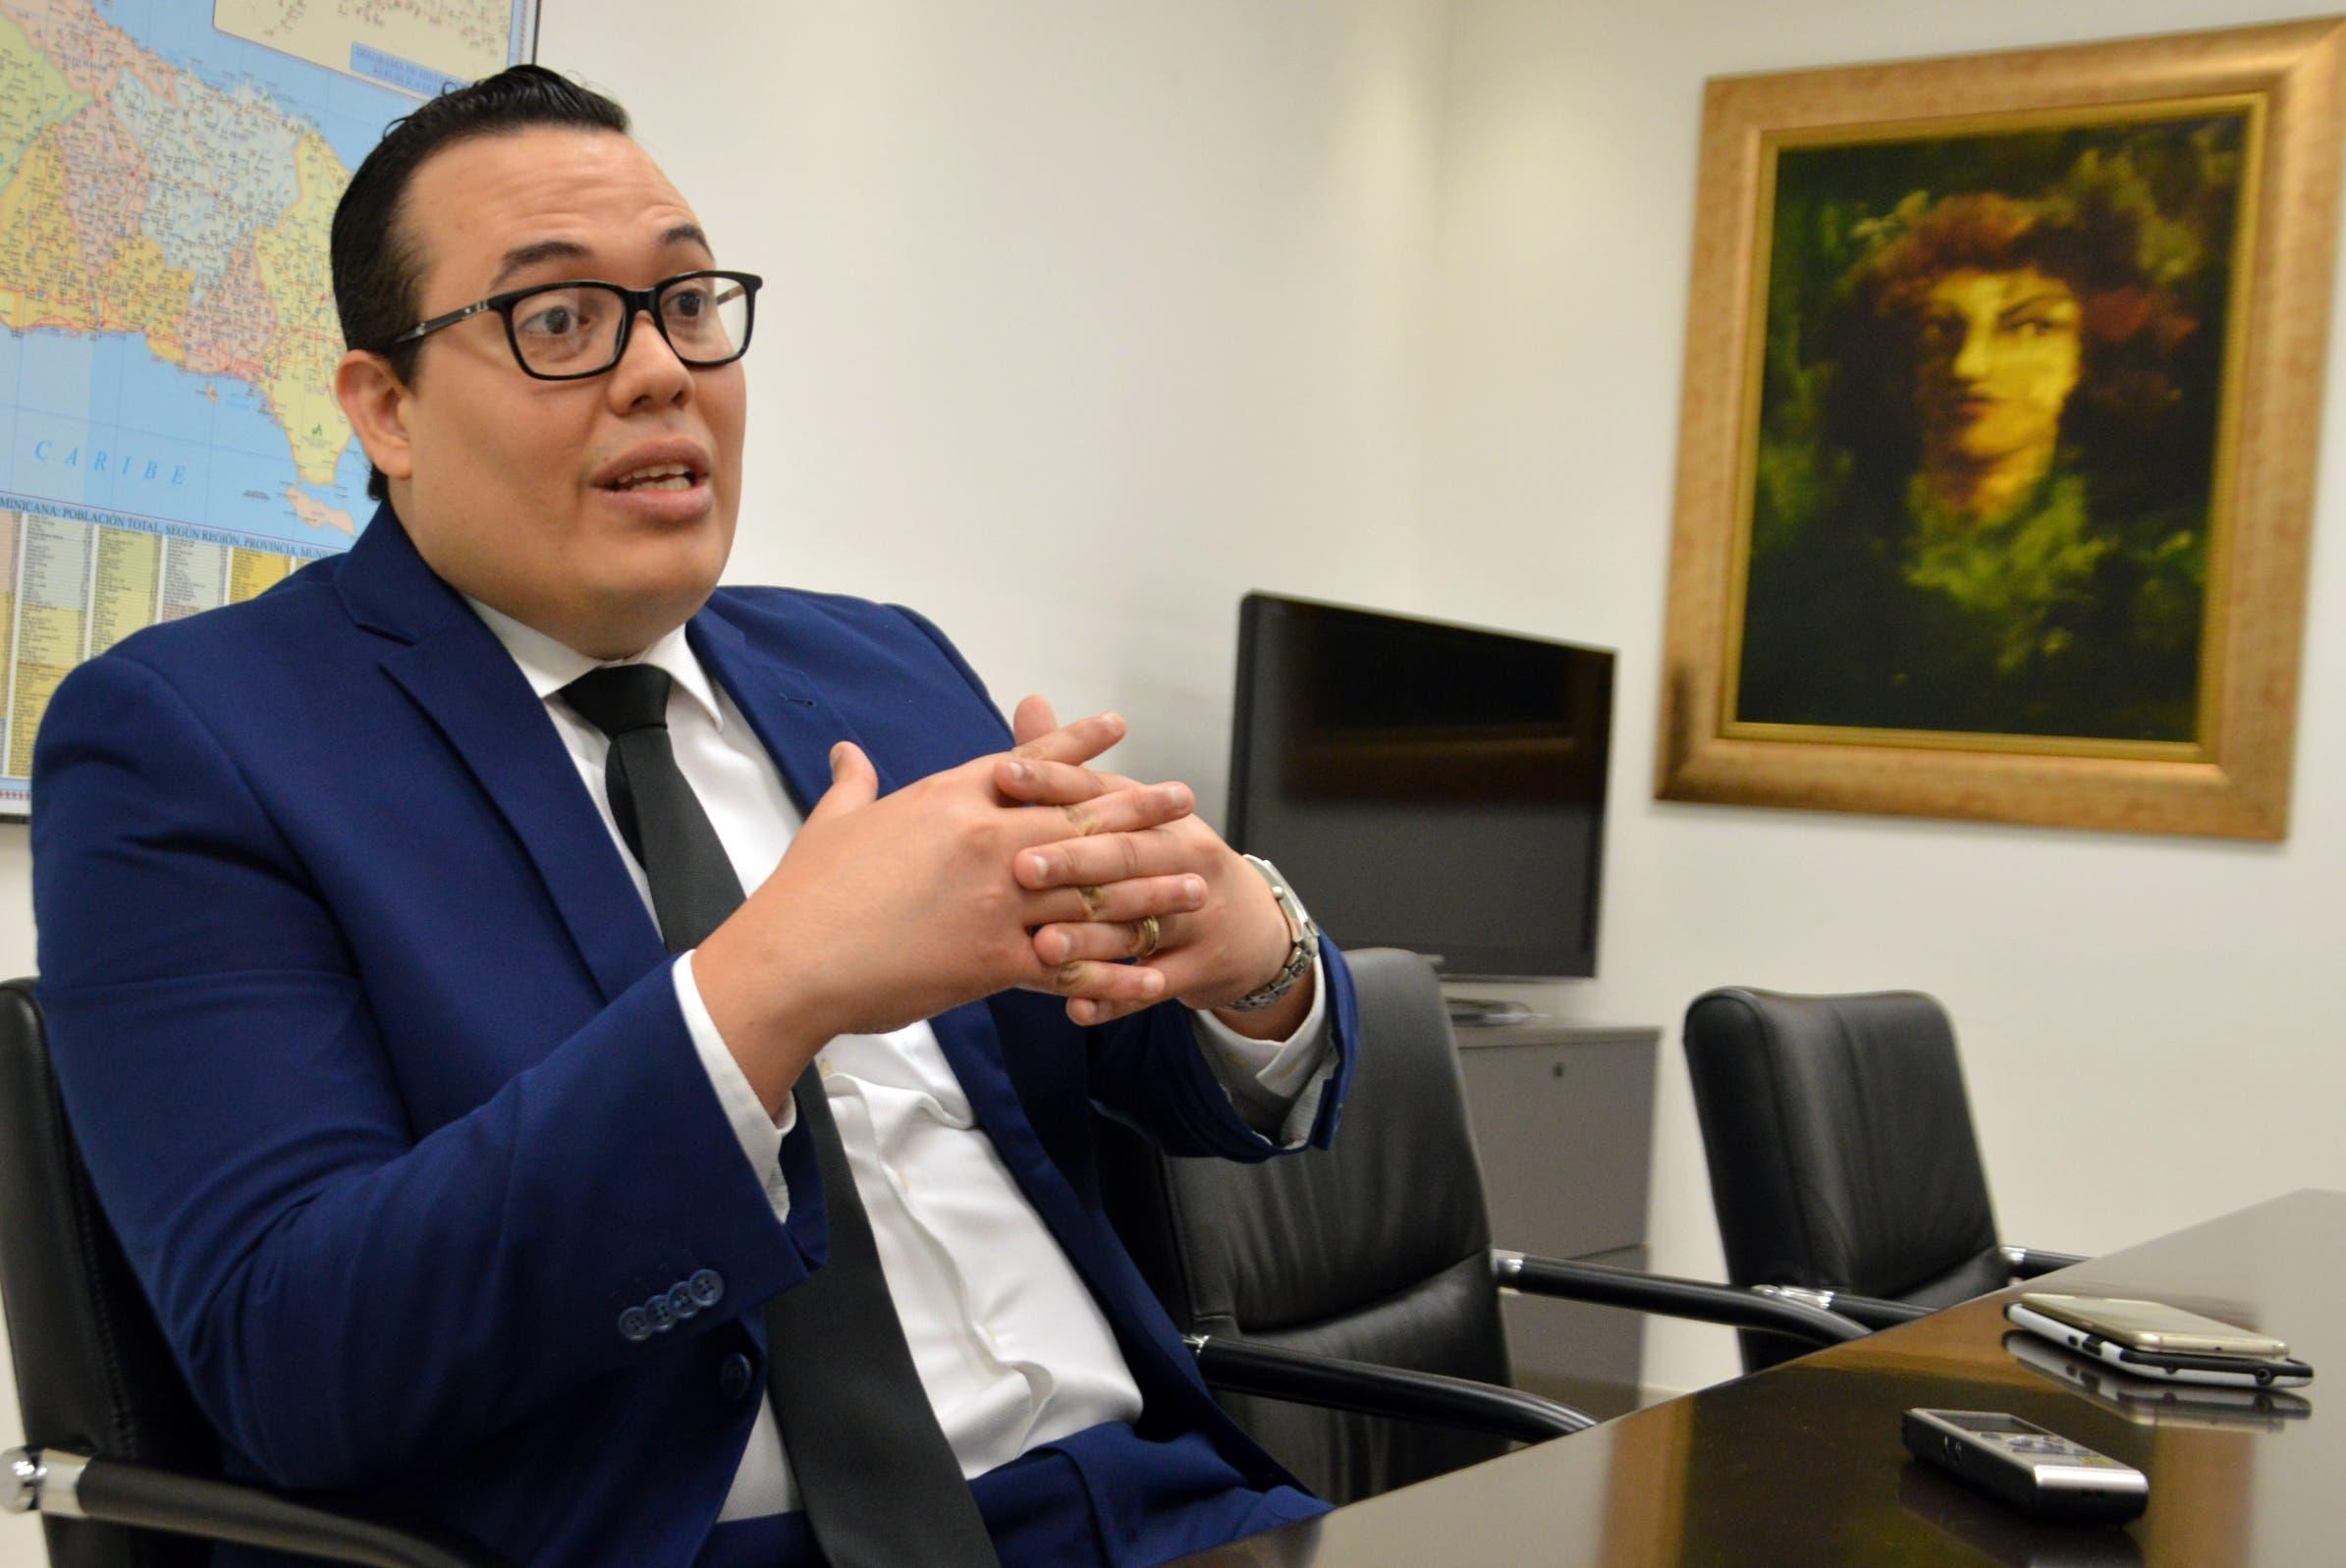 Entrevista al señor Manuel Romero, durante una visita a la redacción del periódico Hoy. Foto/ Napoleón Marte 04/10/